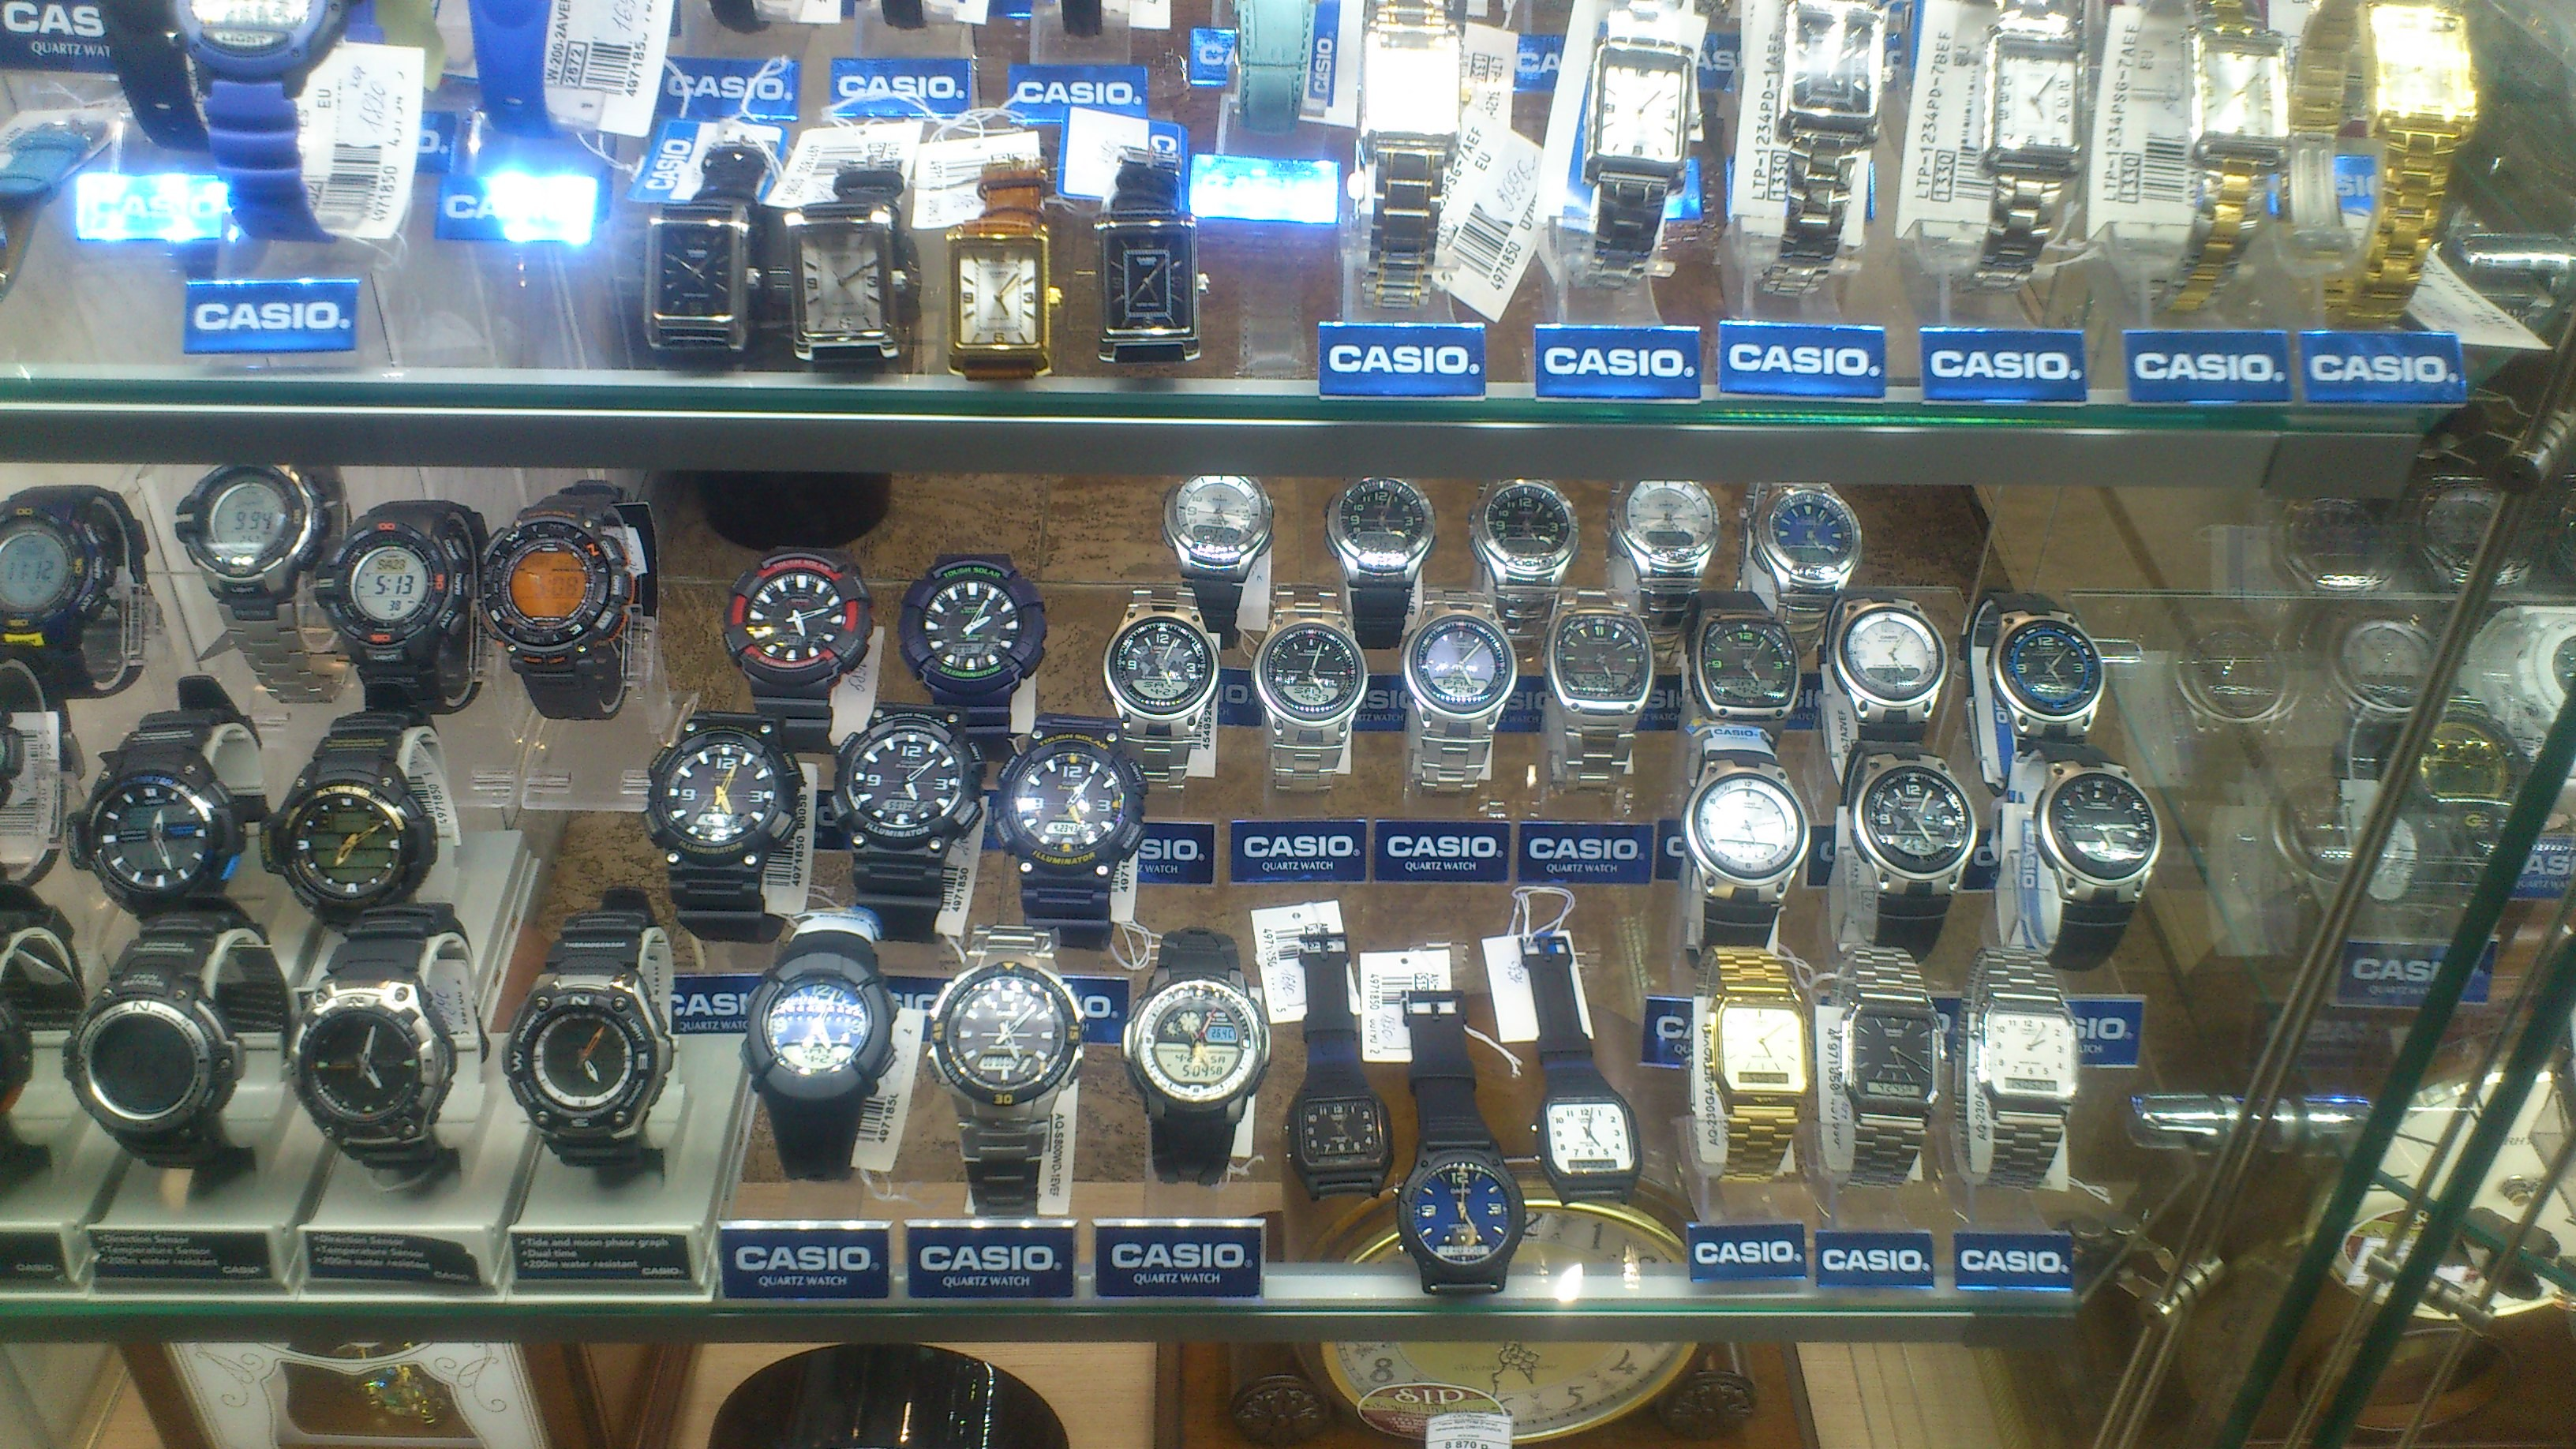 Обратно часы магазин можно сдать ли в продать часы картье